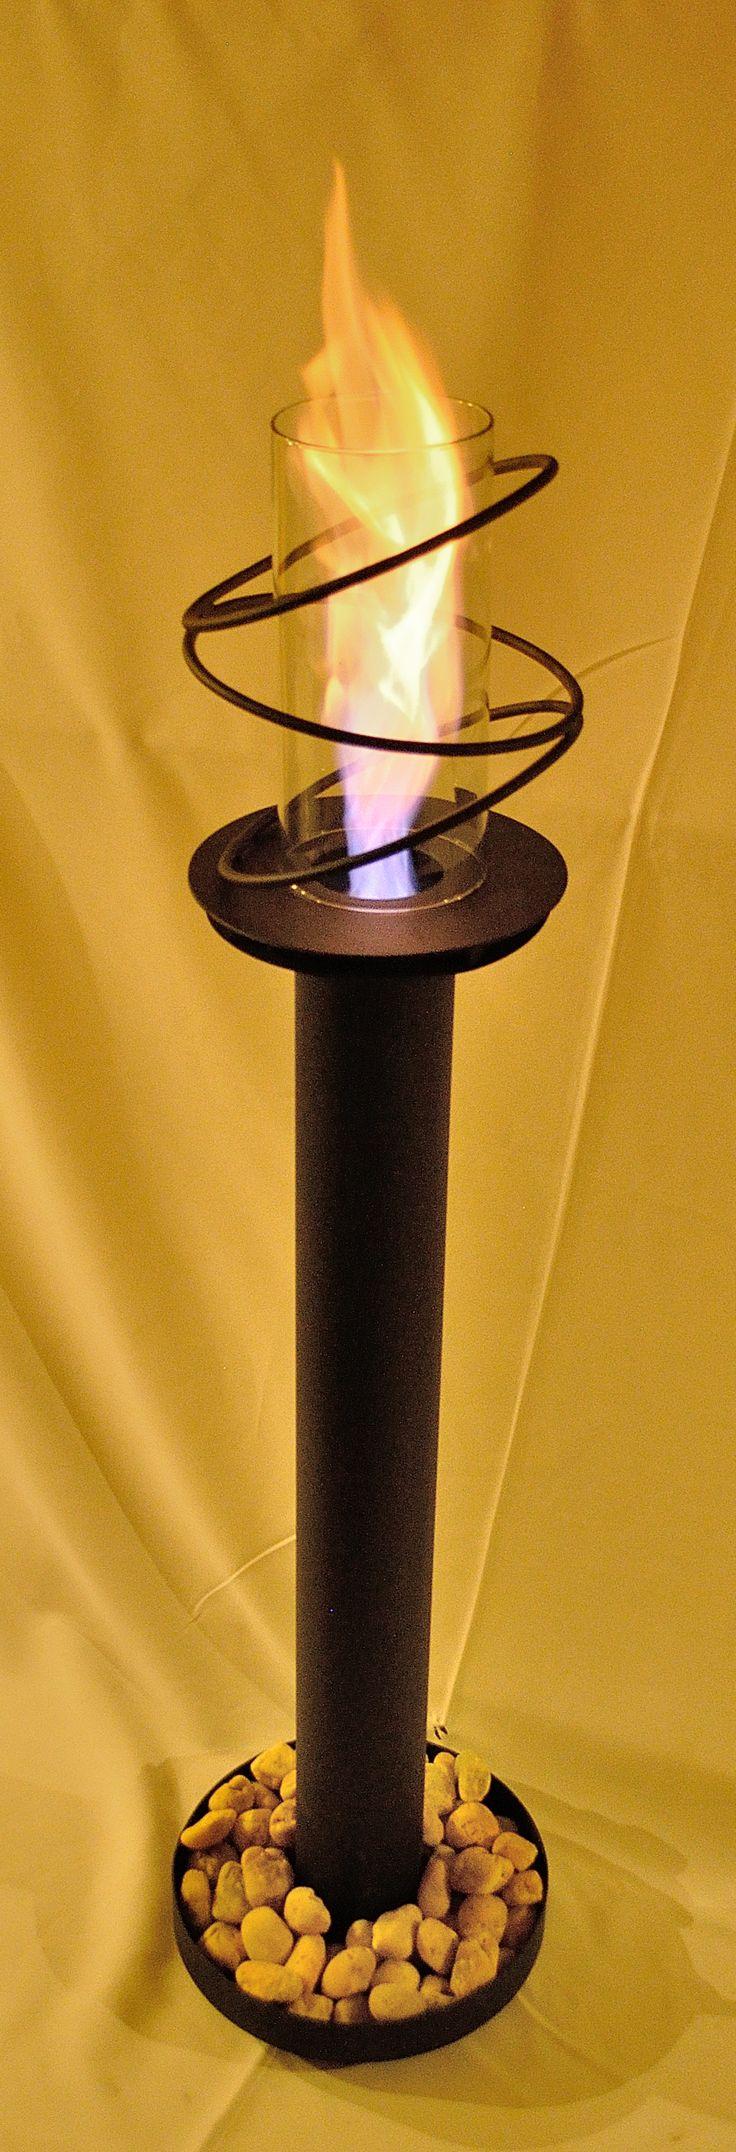 Chimenea pedestal en hierro, llama con efecto de remolino y protegida por vidrio. athosmuebles.com